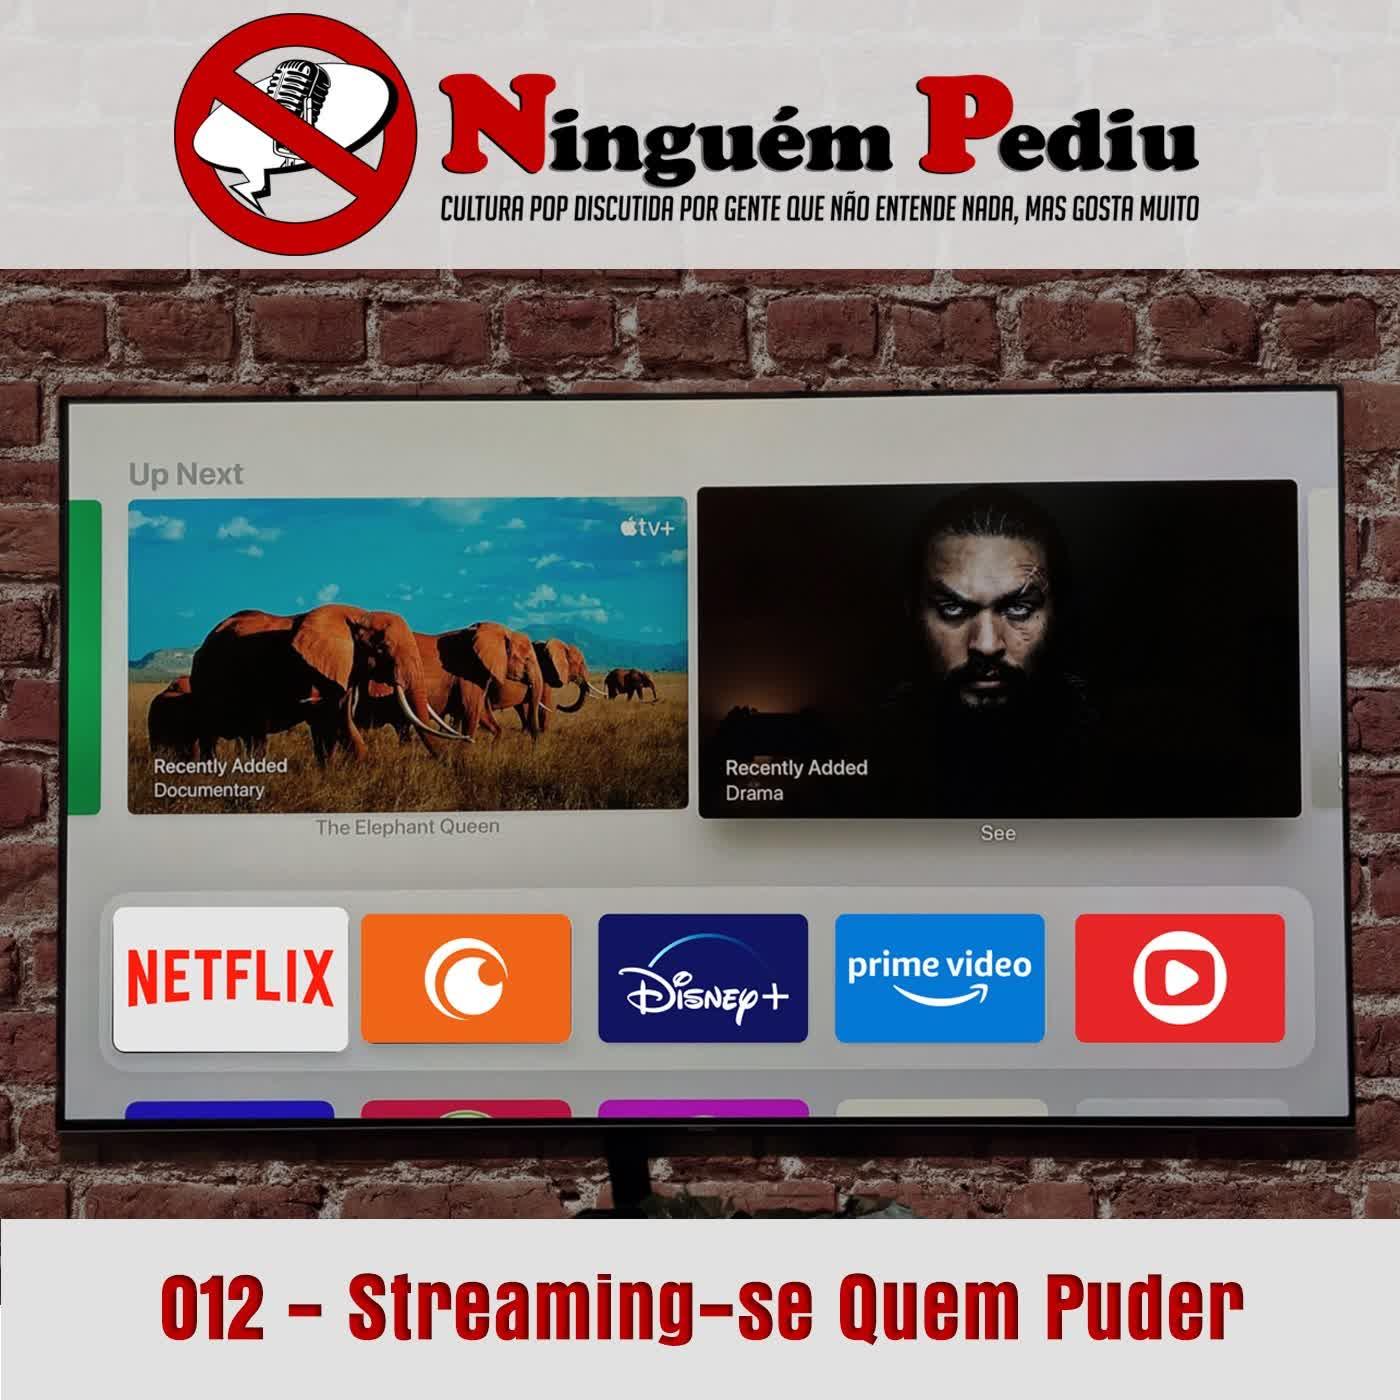 012 - Streaming-se Quem Puder